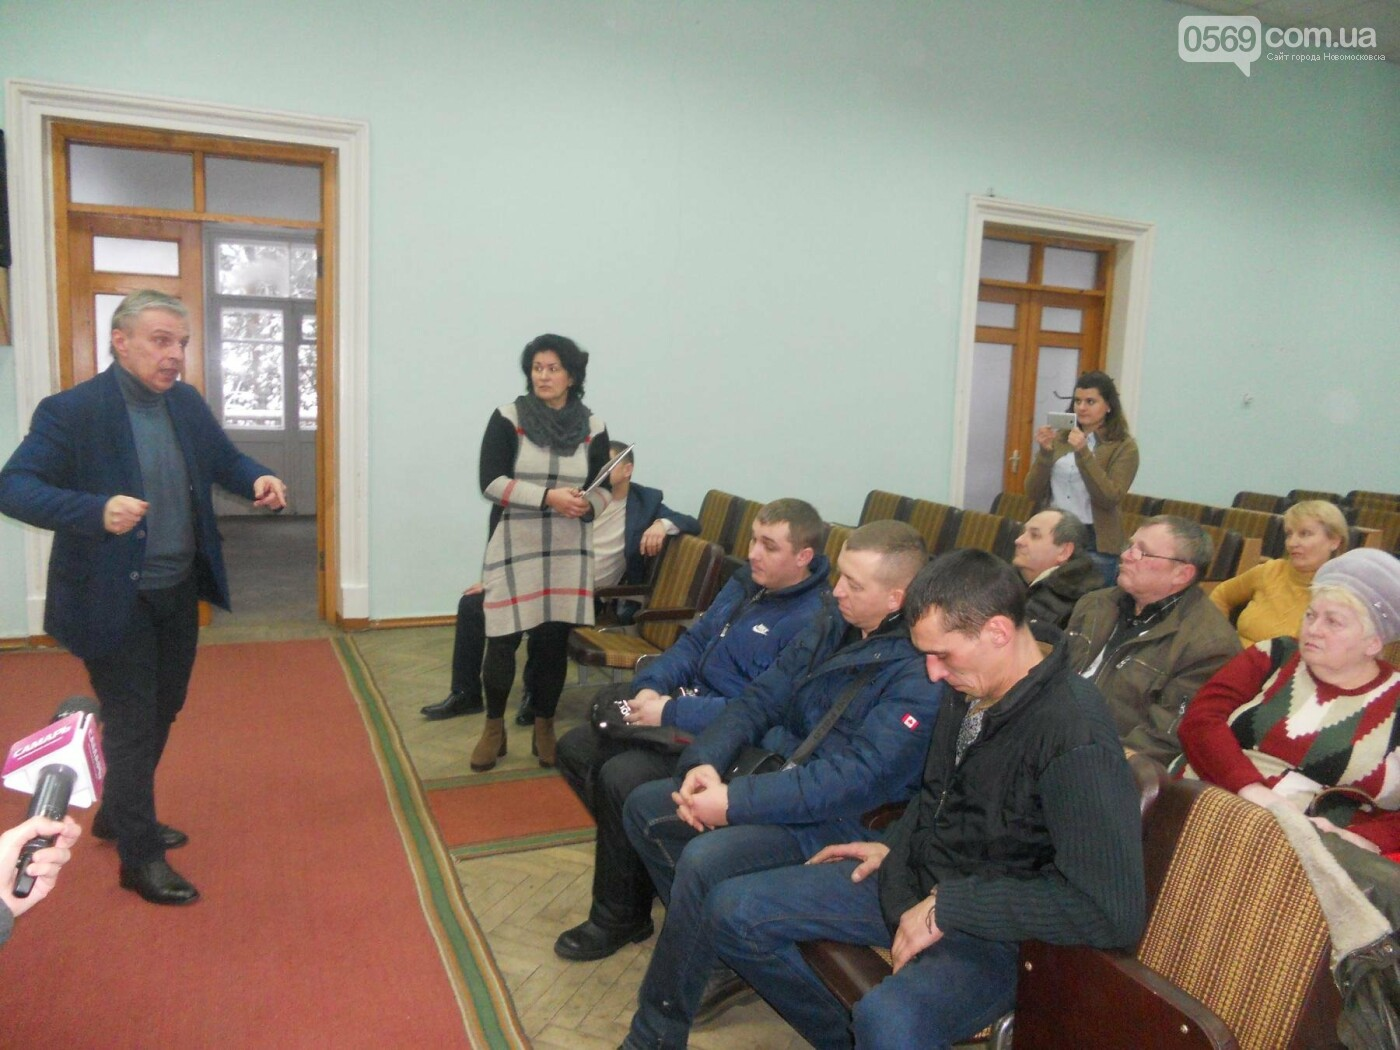 В Новомосковську вимагали нарешті встановити меморіал загиблим в АТО , фото-6